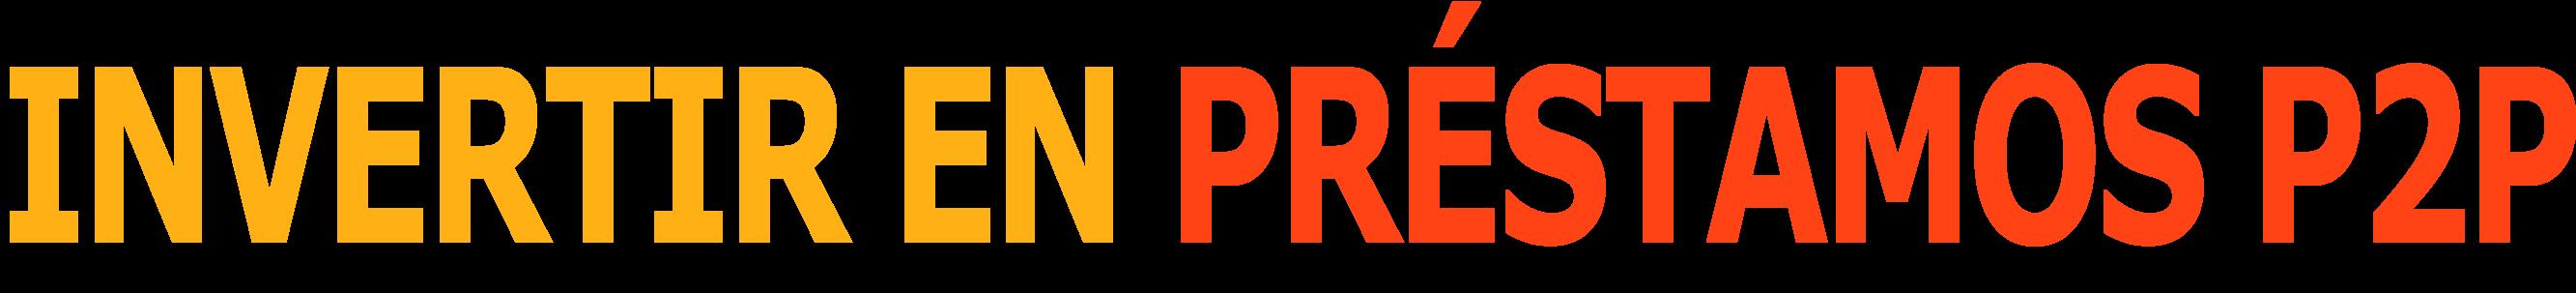 Invertir en Préstamos P2P